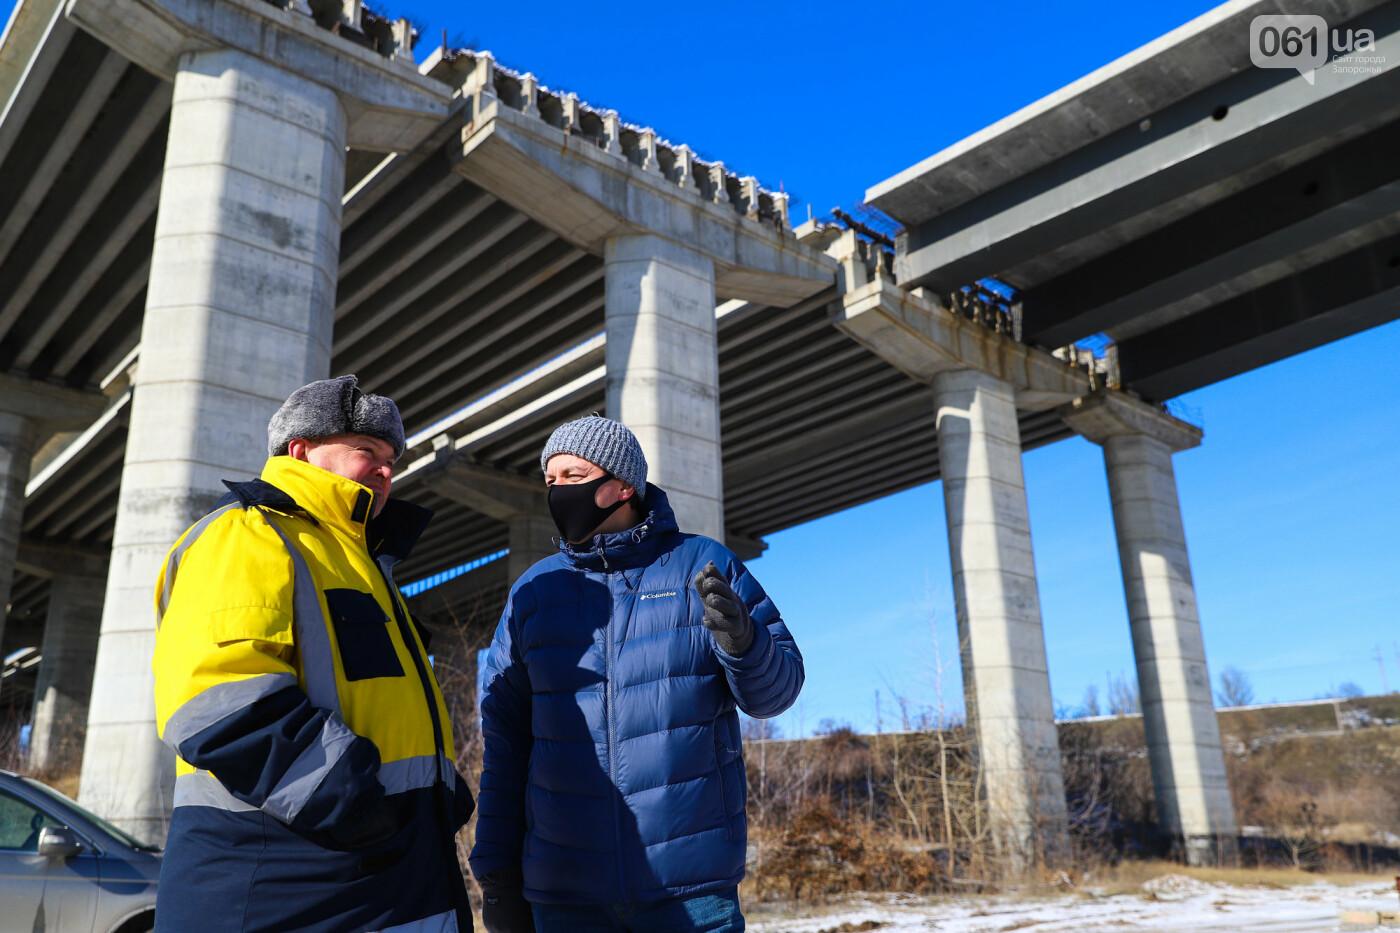 Кран с иностранной пропиской, ванты и металл: строительство запорожских мостов в фотографиях, фото-42